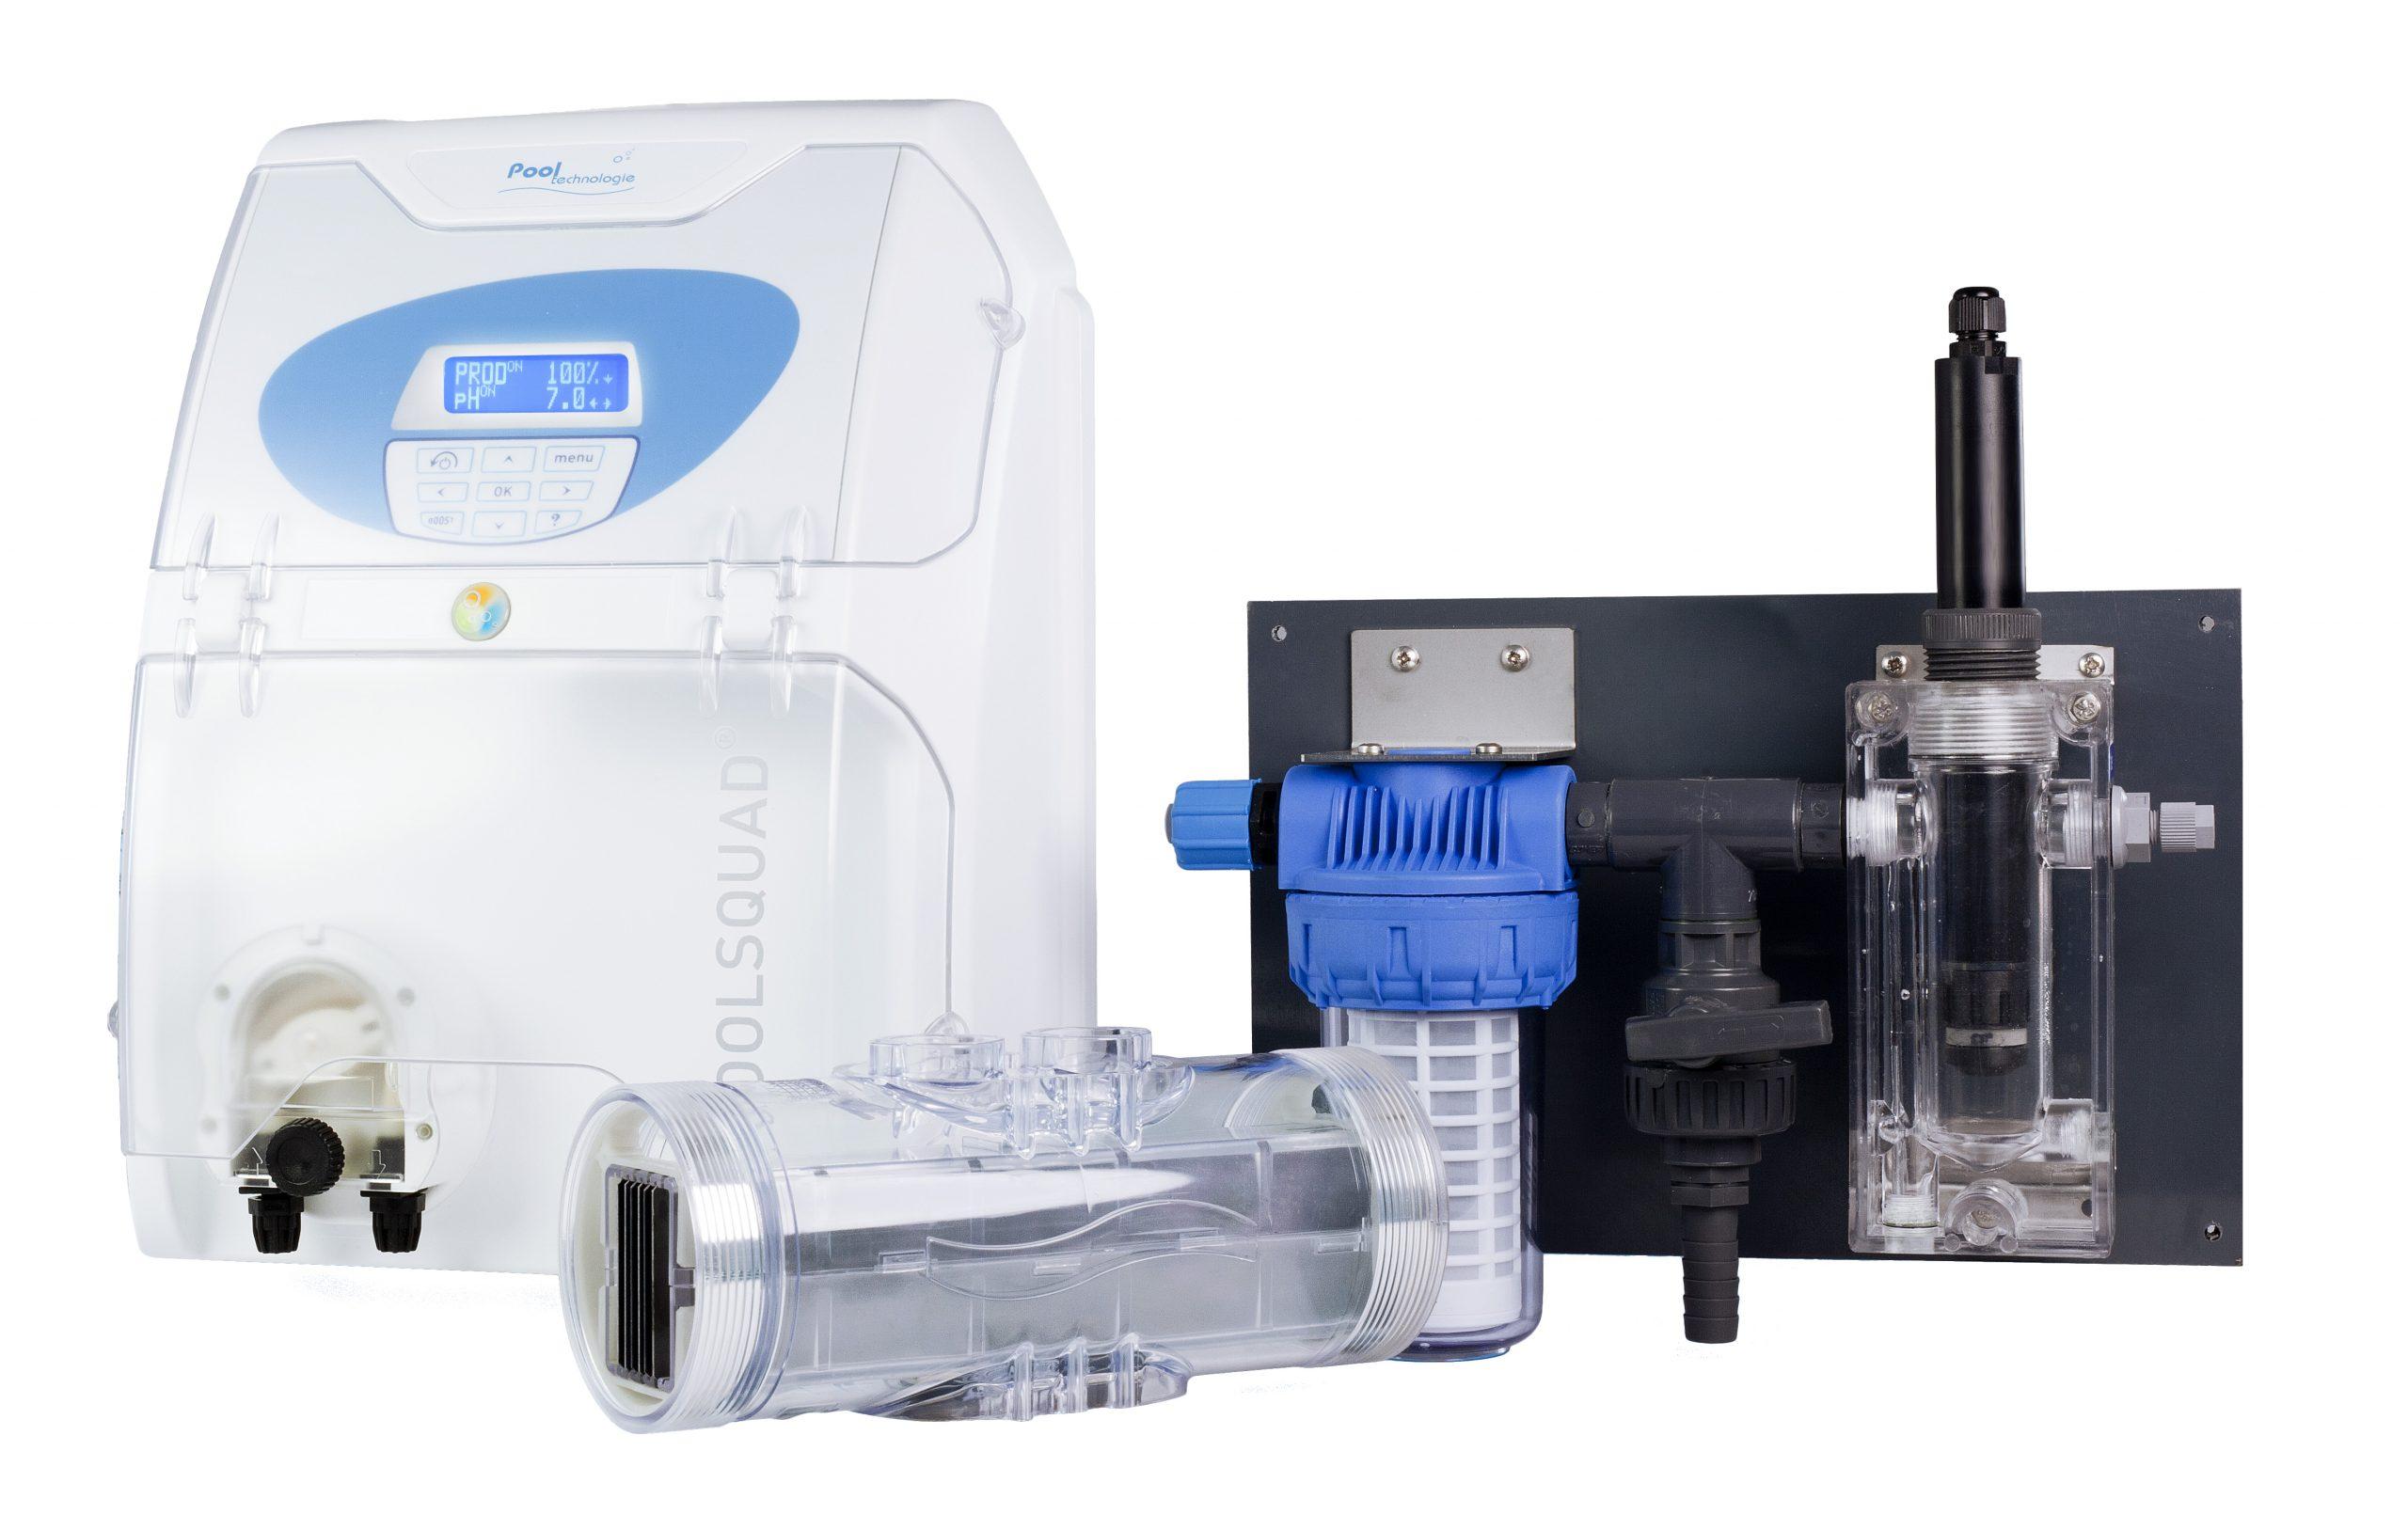 poolsquad ampéro cellule d'électrolyse sonde pH régulation pH électrolyse au sel régulation ampérométrique